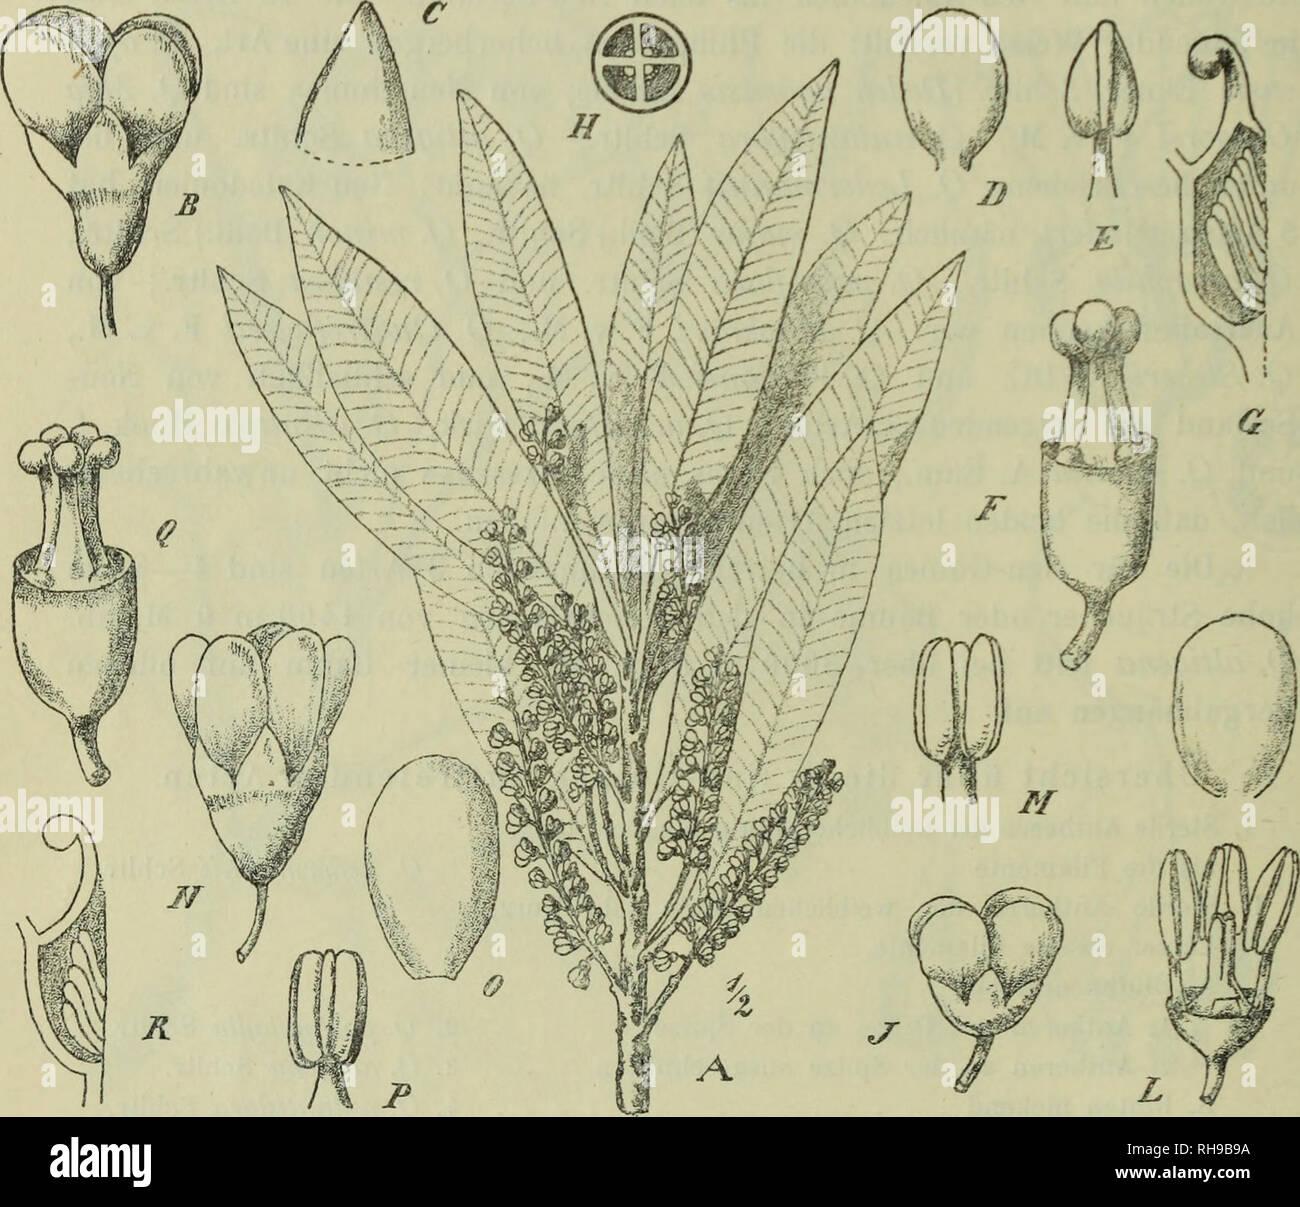 Botanische Jahrbu Cher Fu R Systematik Pflanzengeschichte Und